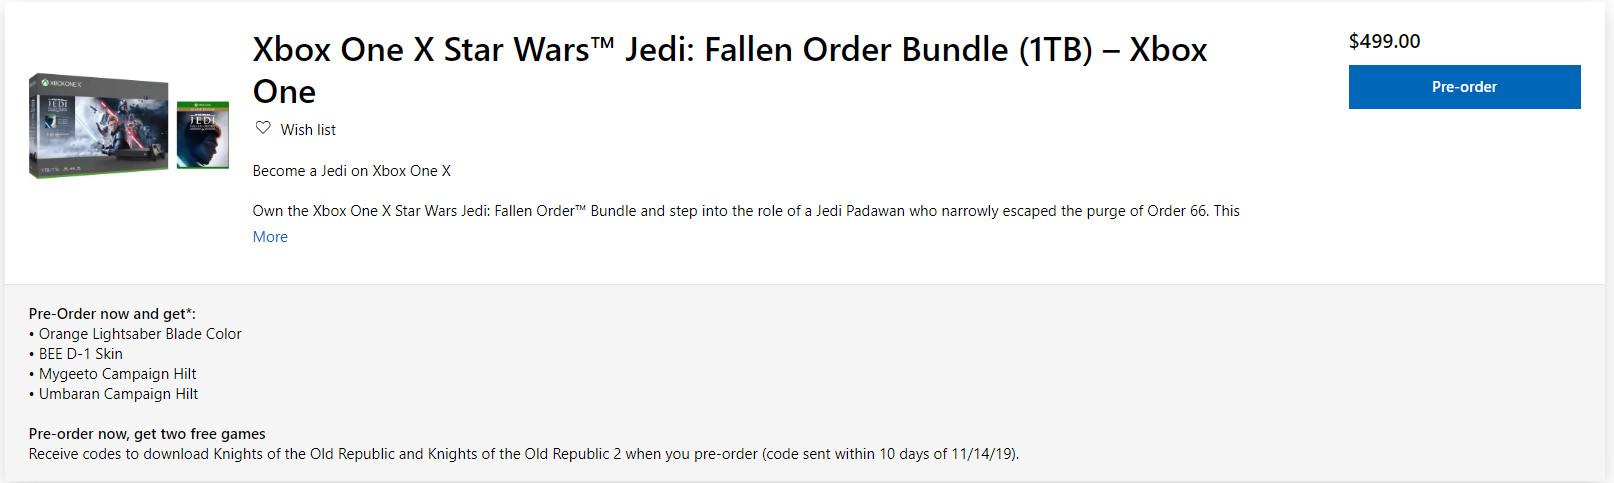 《星战绝地》XB1捆绑套装公布 免费送2个星战游戏